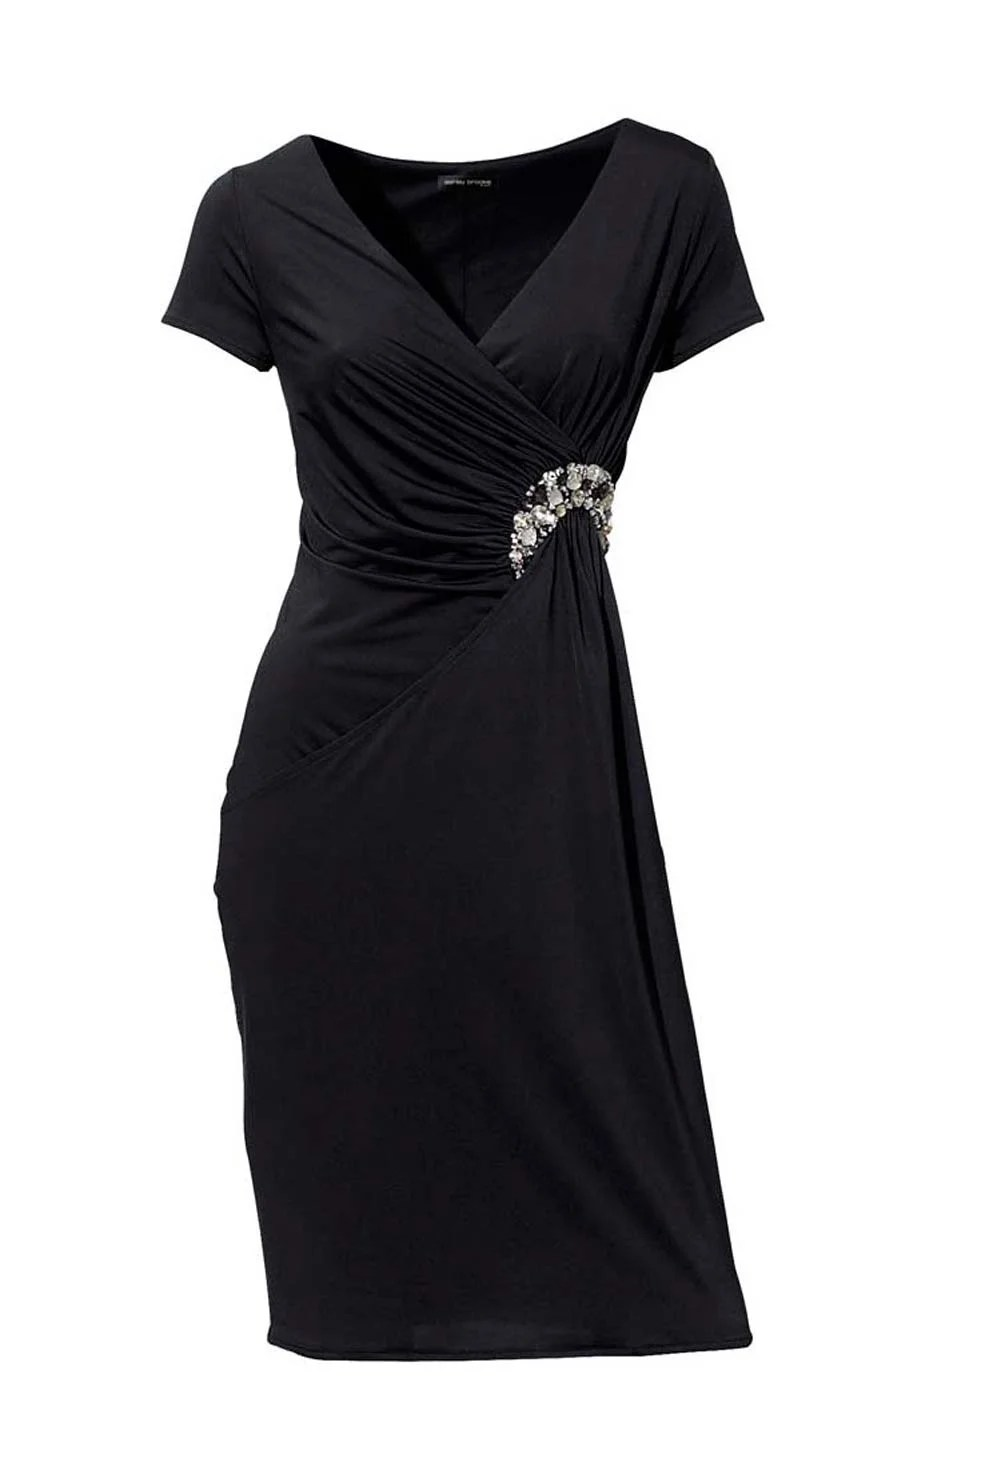 kurzes kleid für besondere anlässe HEINE Damen Designer-Cocktailkleid m. Strass Schwarz 041.427 Missforty